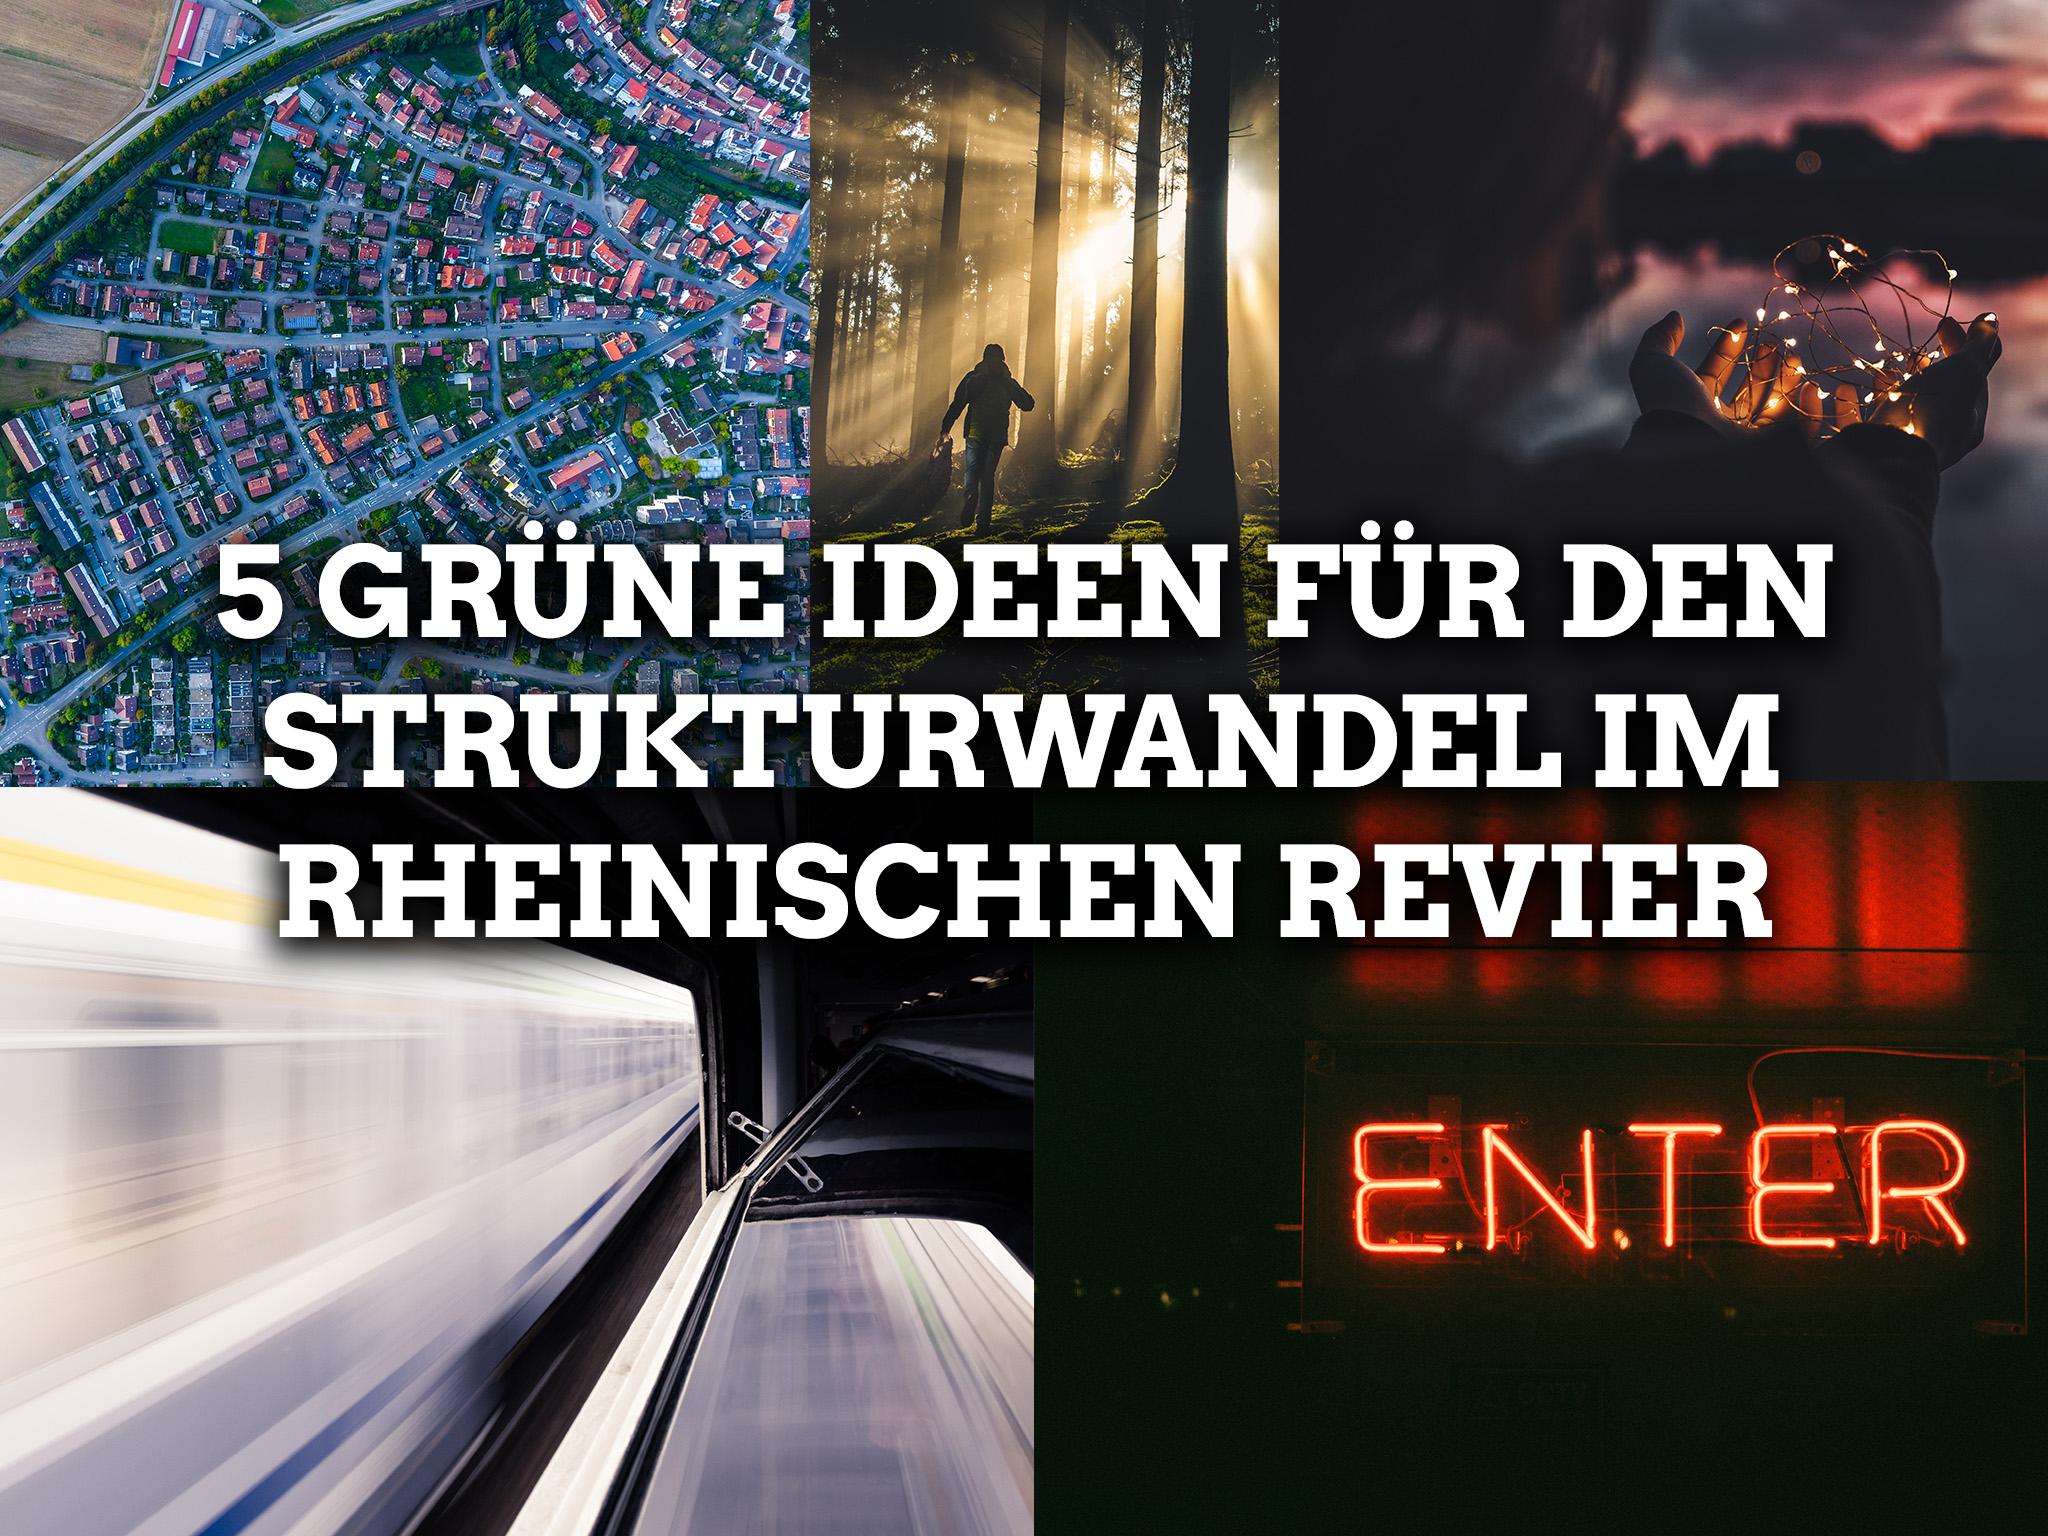 5 Grüne Ideen für den Strukturwandel im Rheinischen Revier